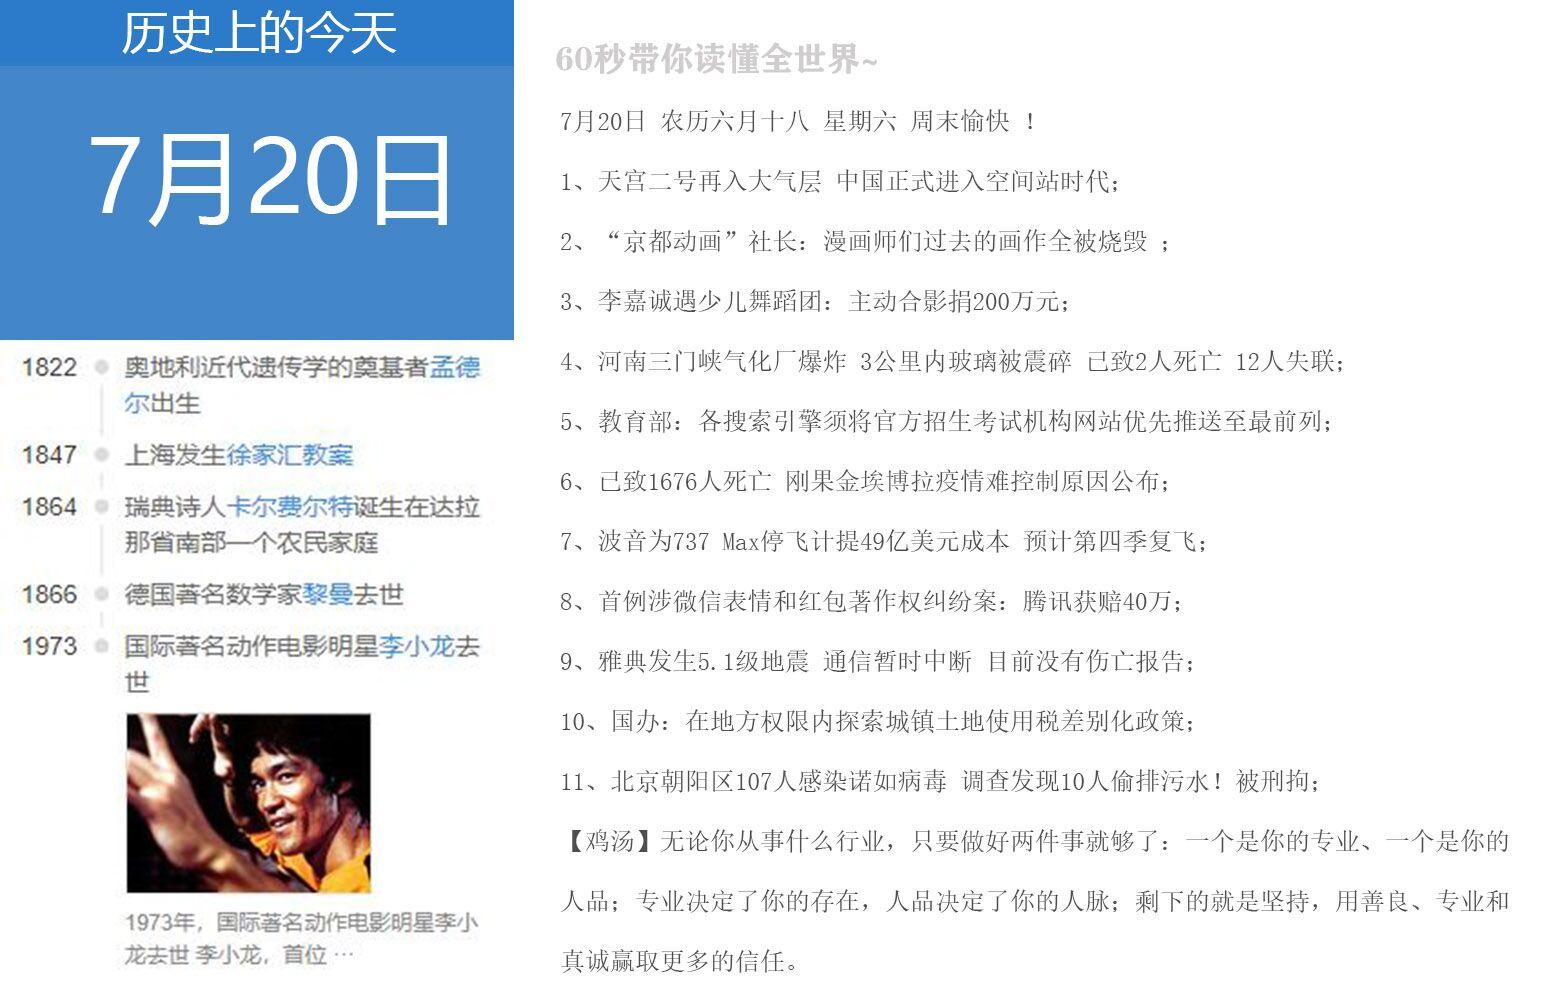 天宫二号再入大气层中国正式进入空间站时代-了解当前世界发展做一个有文化的萌乡绅士